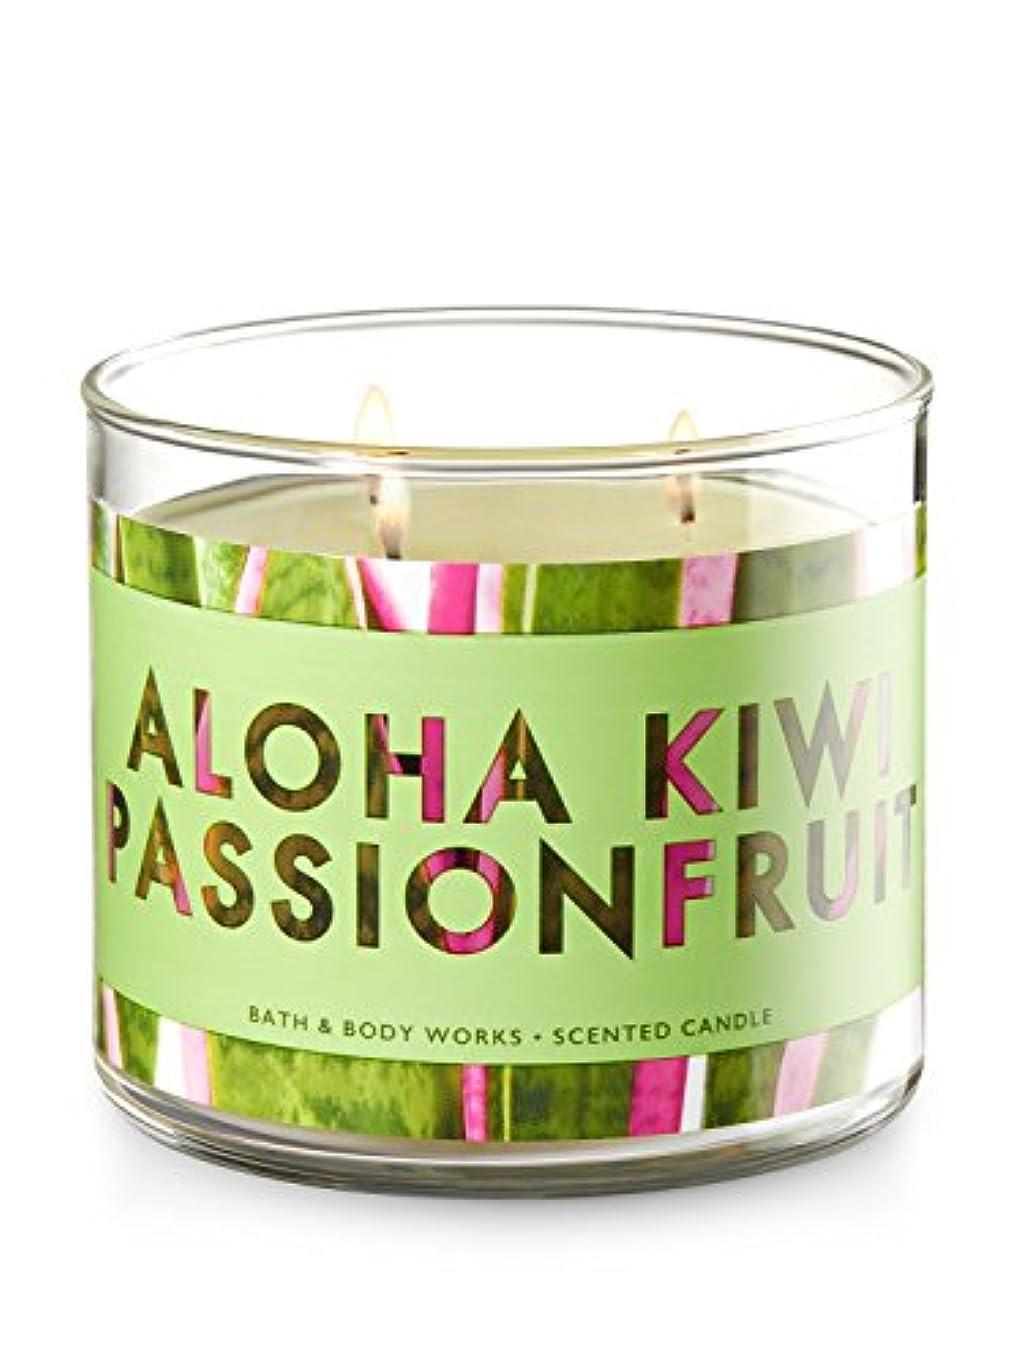 ブラウズきゅうり創始者Bath and Body Works 3 Wick Scented Candle Aloha Kiwi Passionfruit 430ml